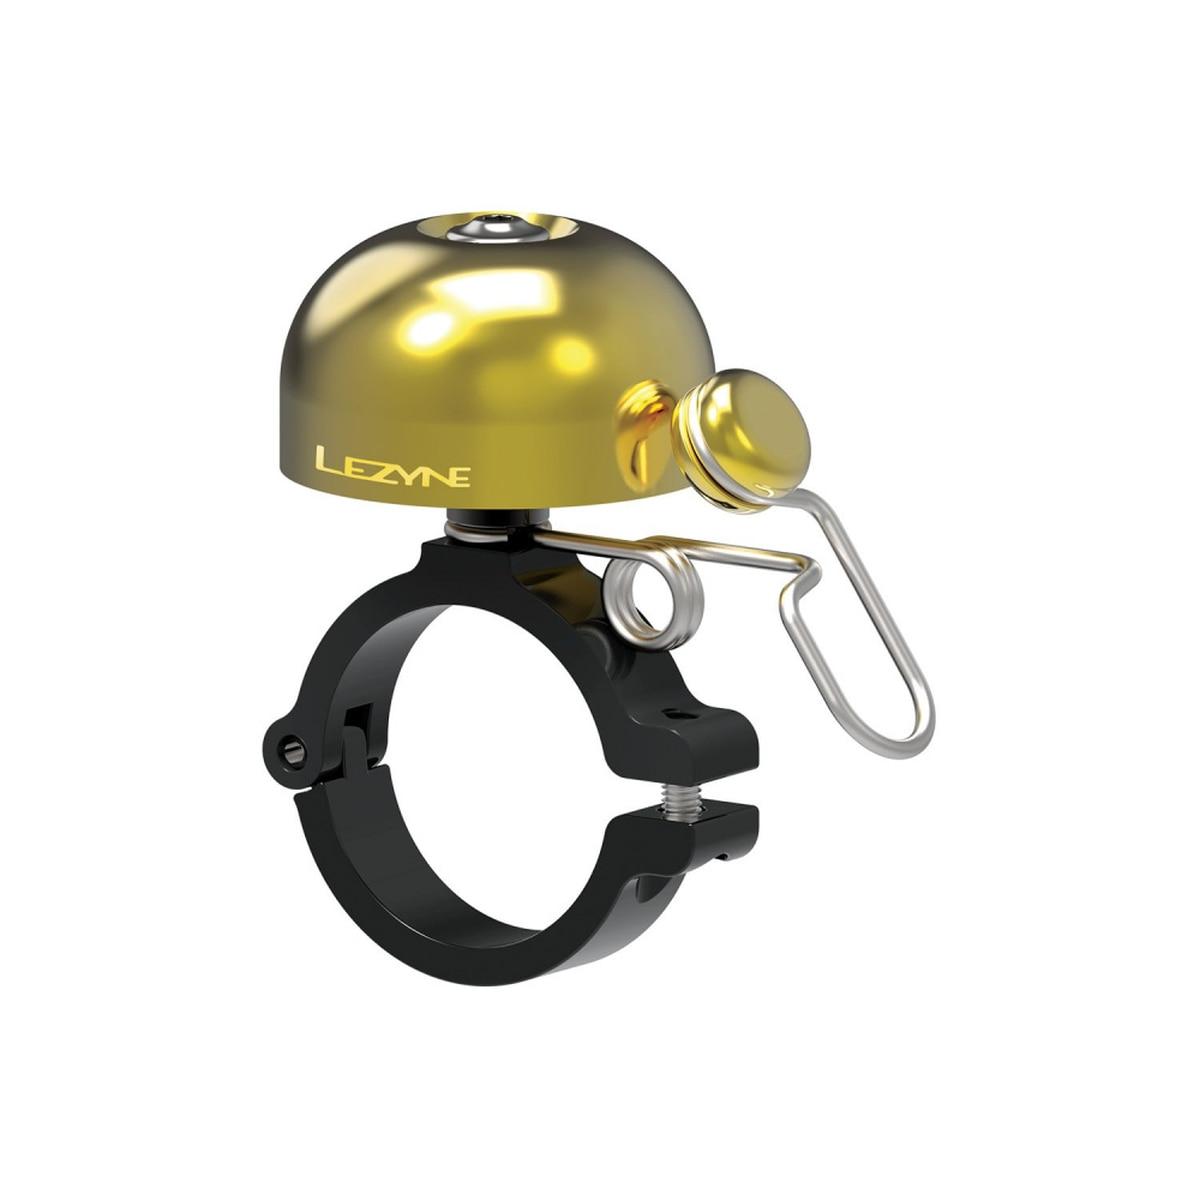 Lezyne Classic Brass Bell Ringeklokke - Hard Mount